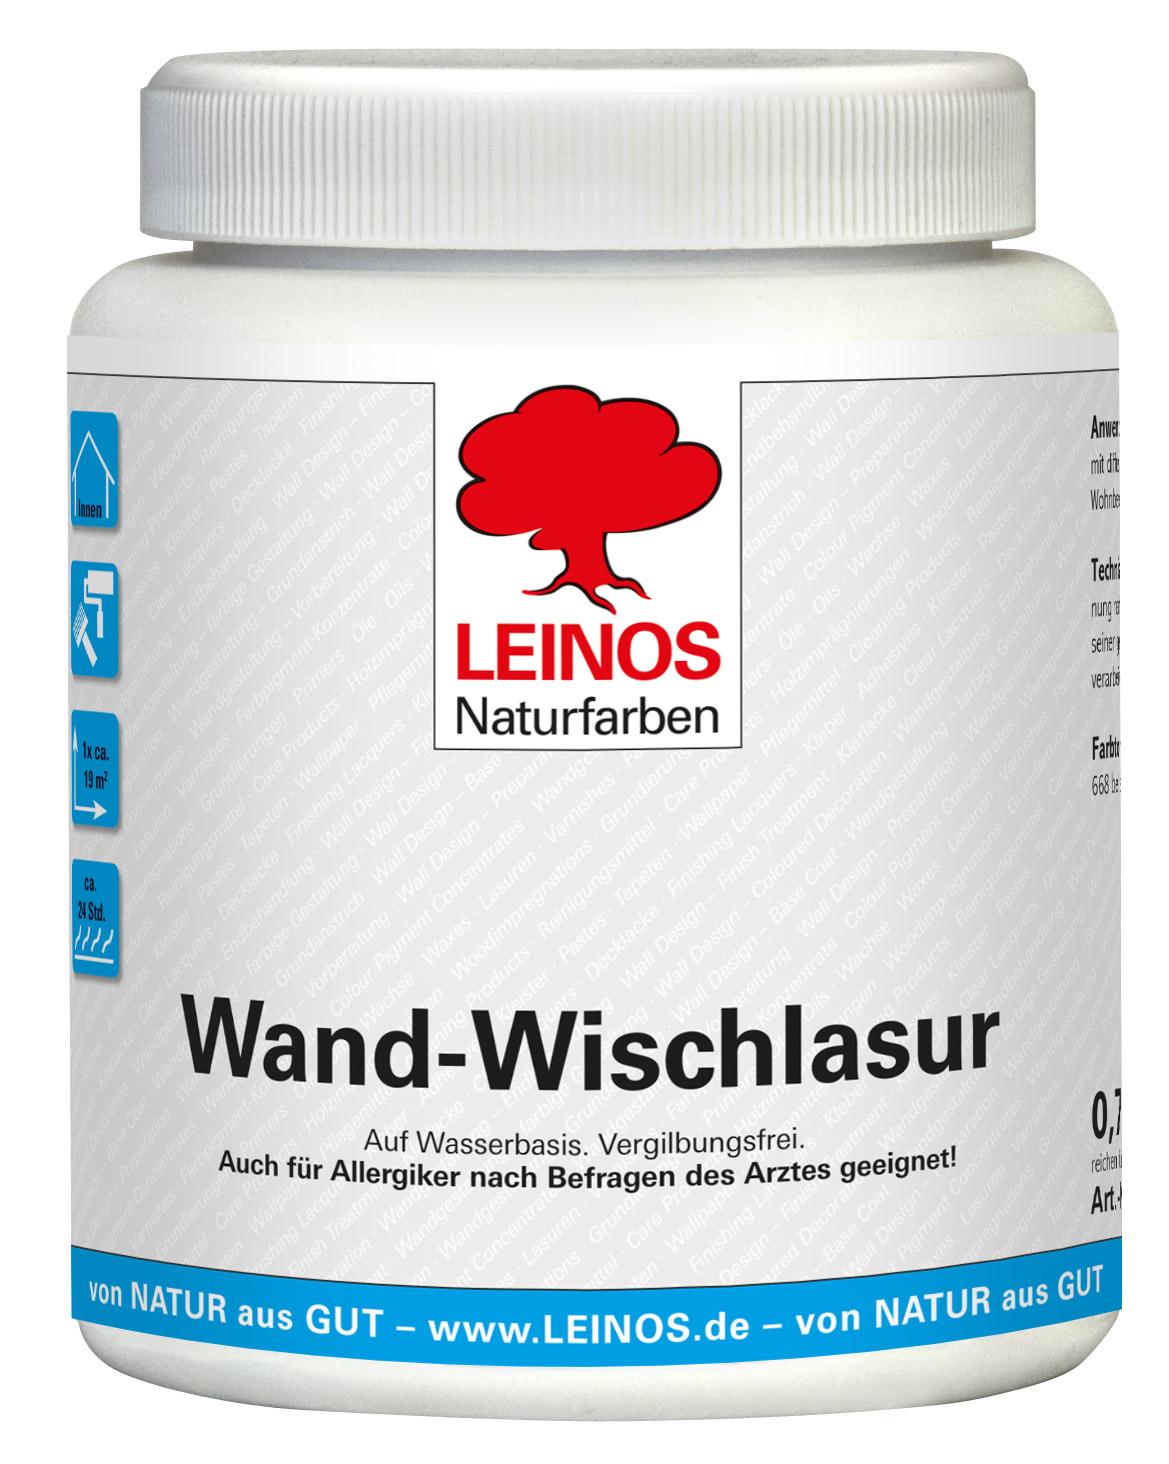 Leinos Wand-Wischlasur